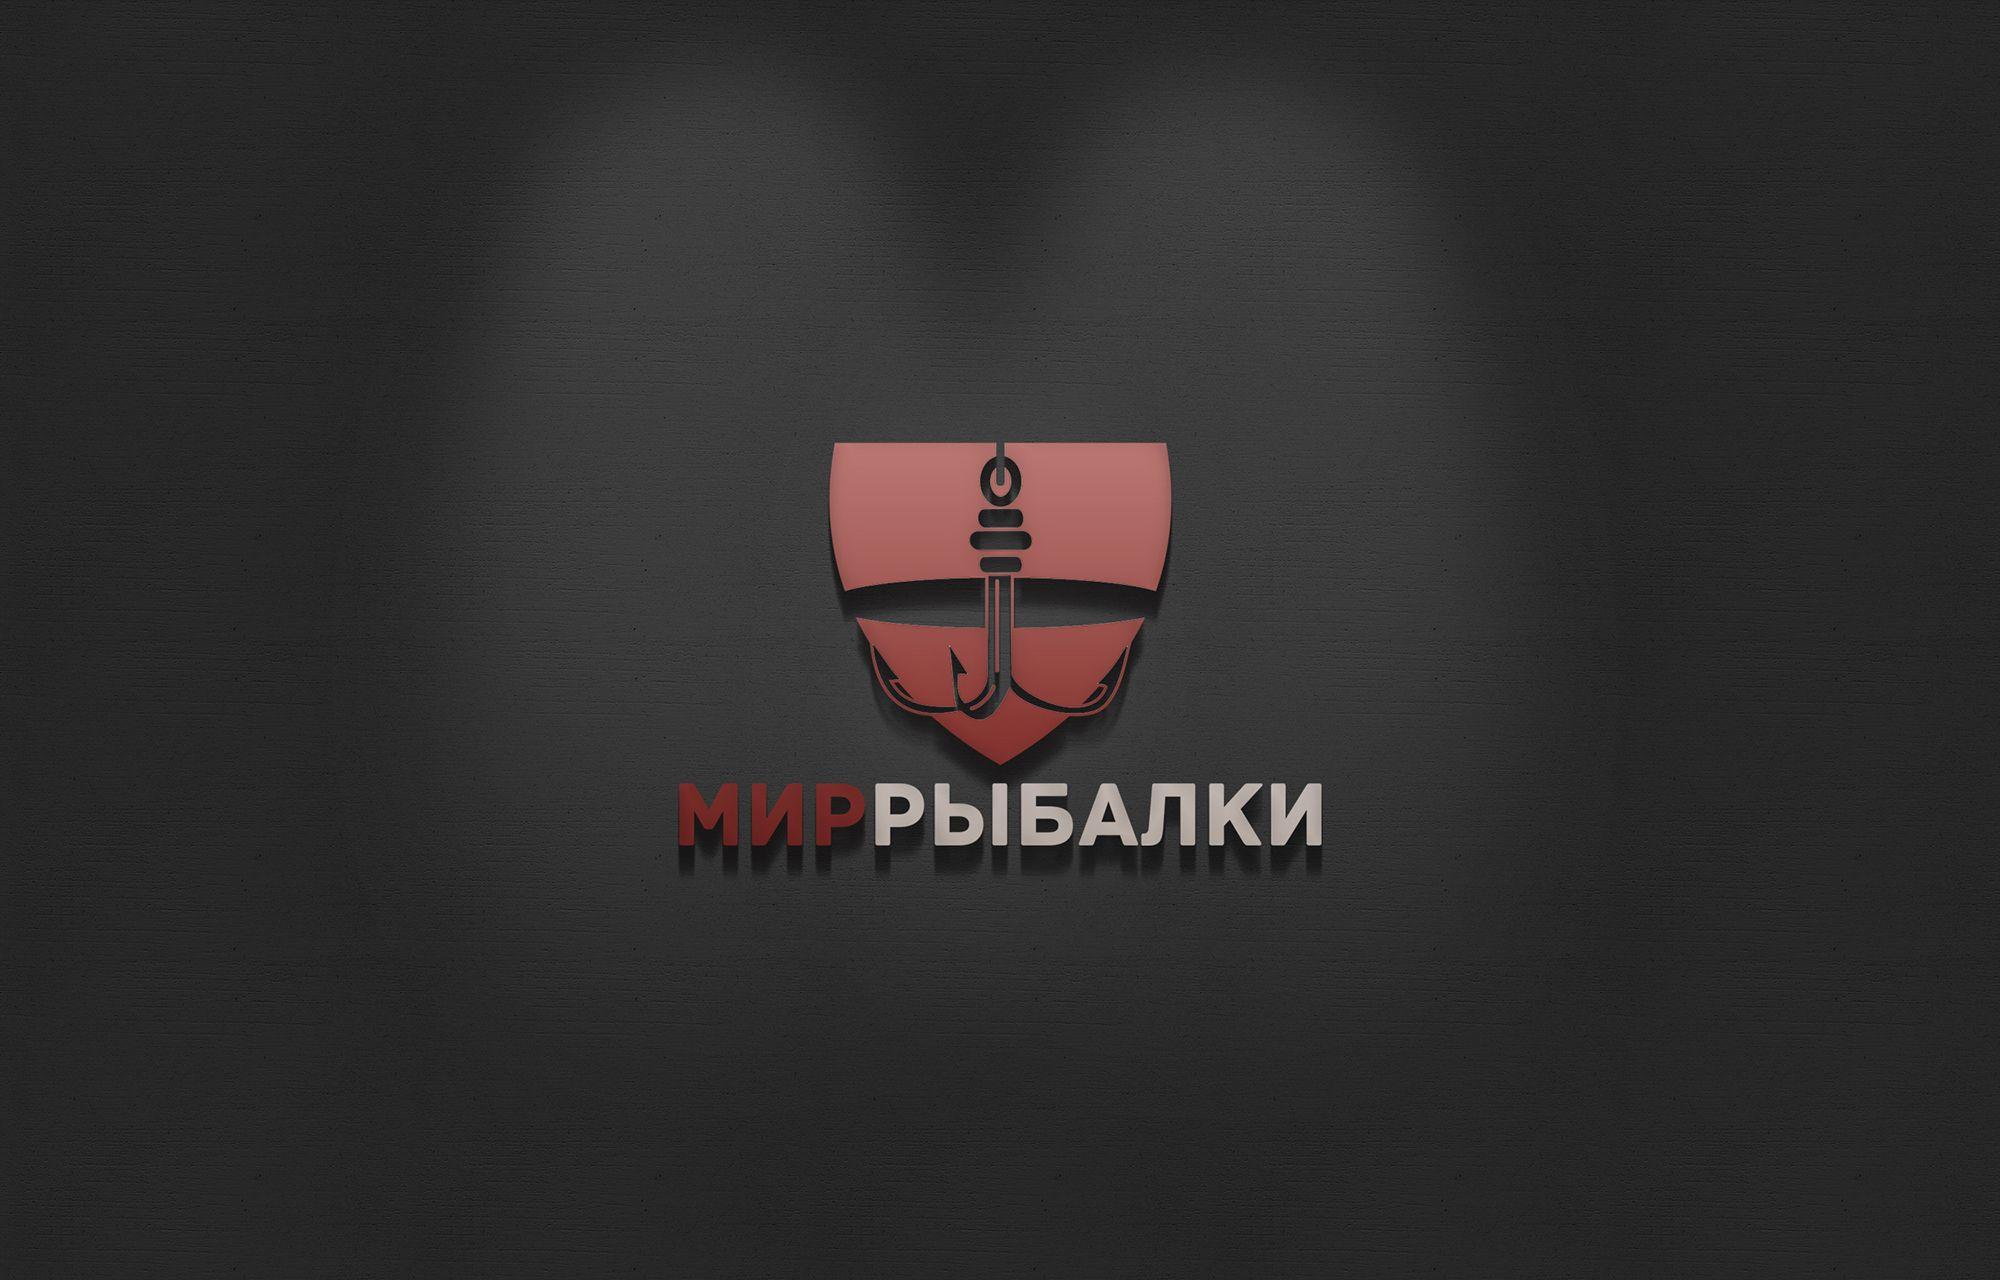 Логотип рыболовного магазина - дизайнер trocky18